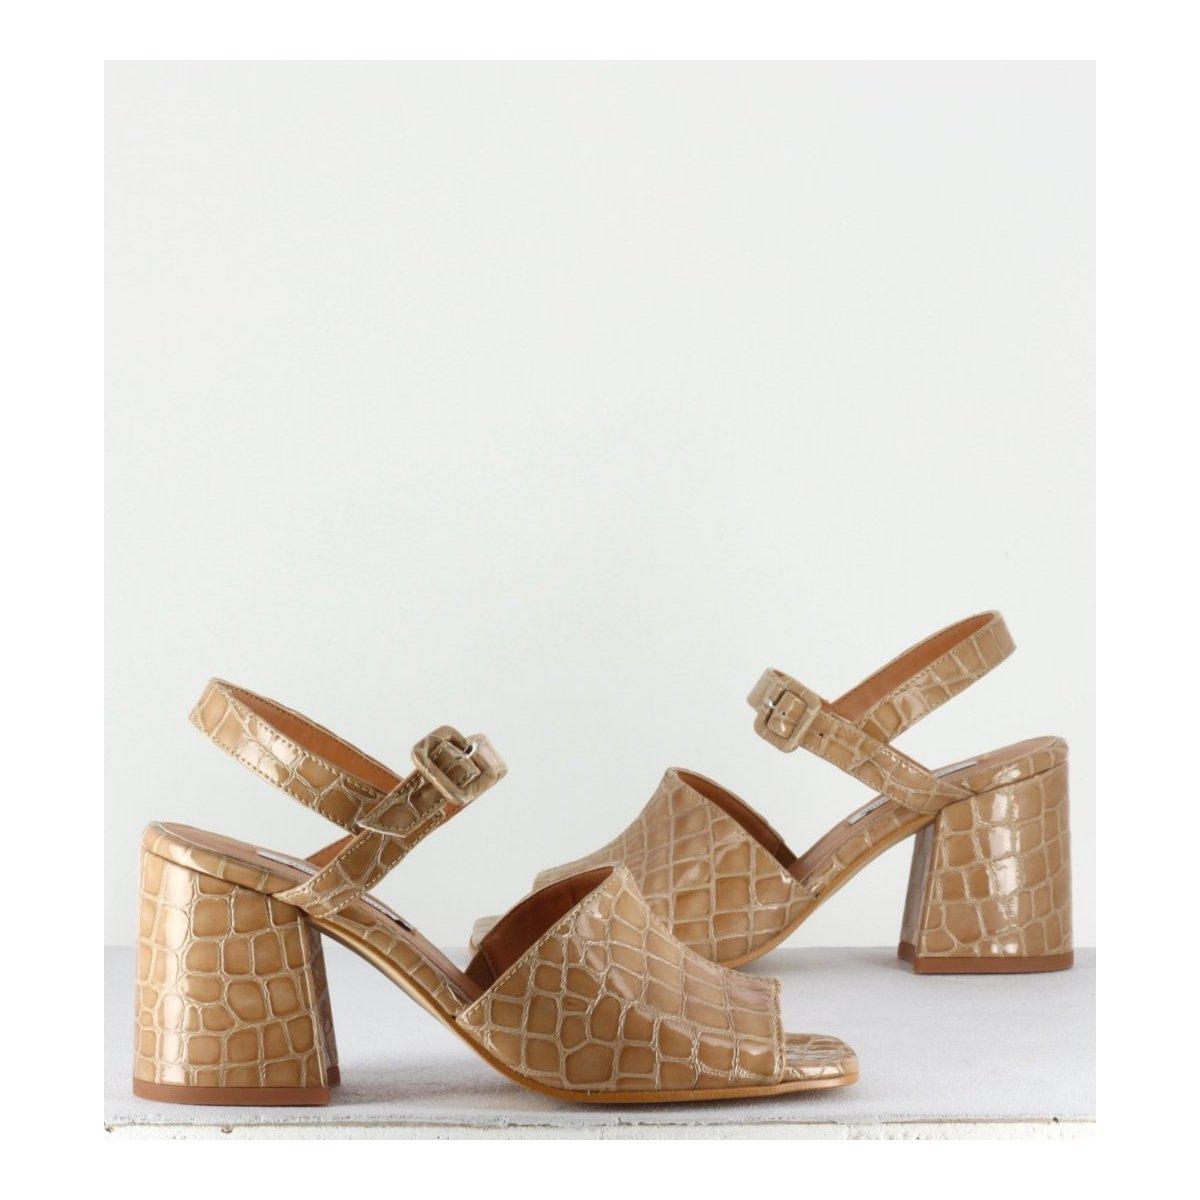 Sandales en cuir effet croco taupe - Rita Liso